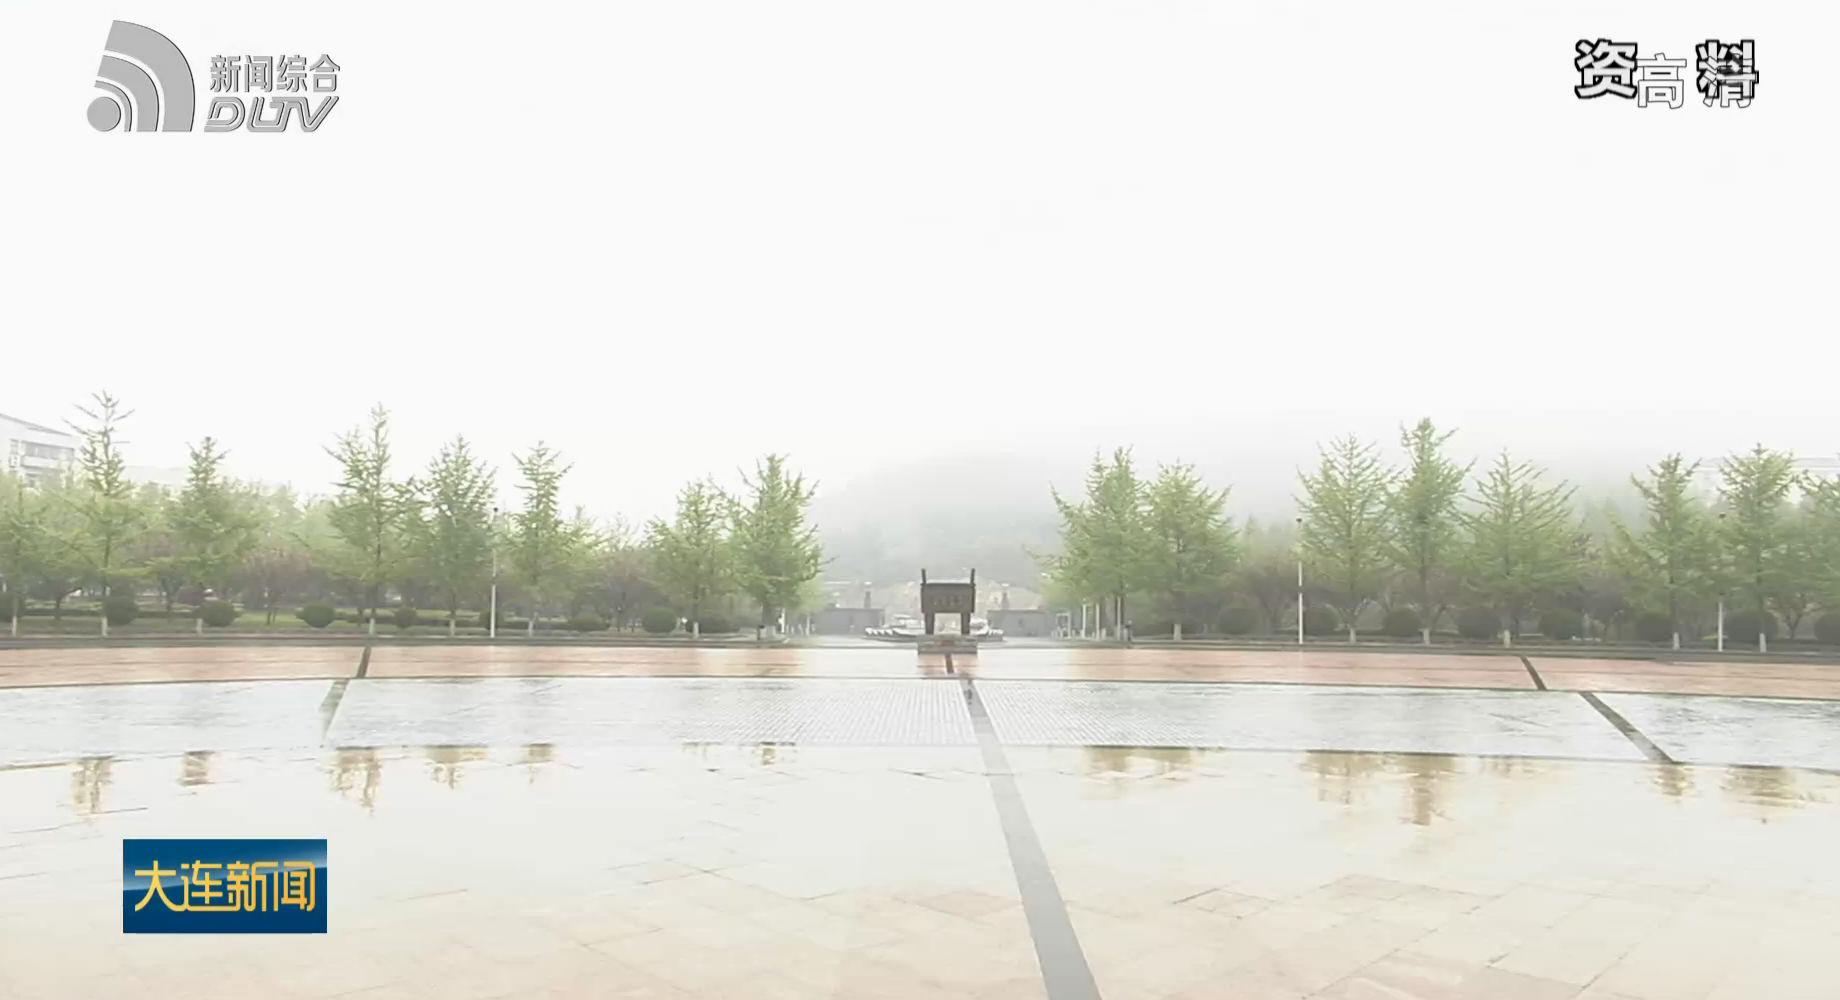 雨情最新预报 20号天气放晴